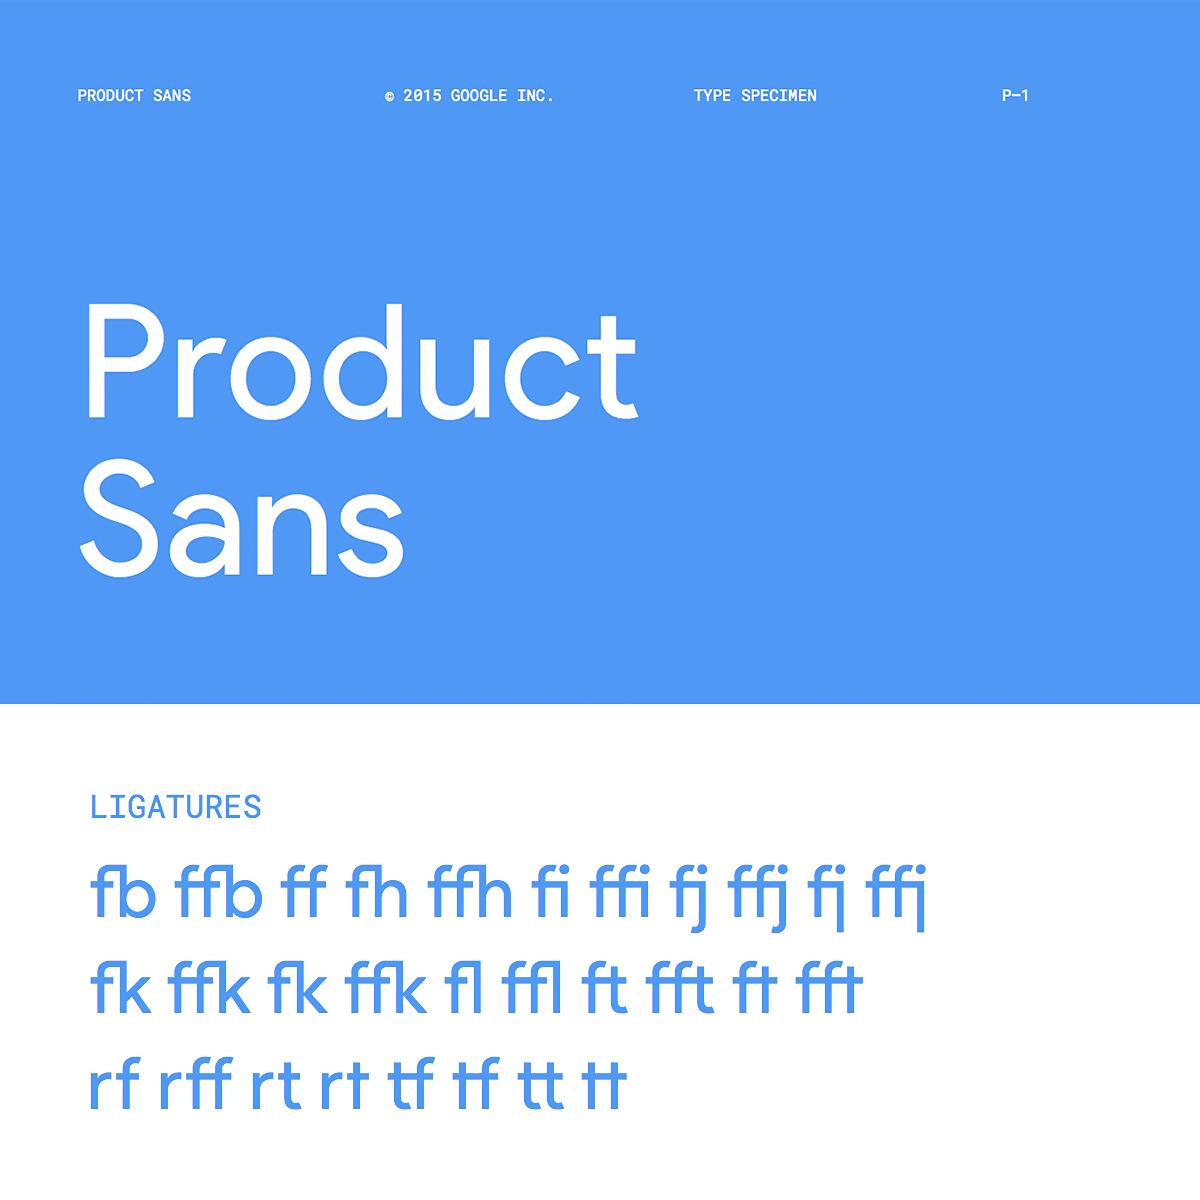 Product Sans Ligatures / type specimen by Google